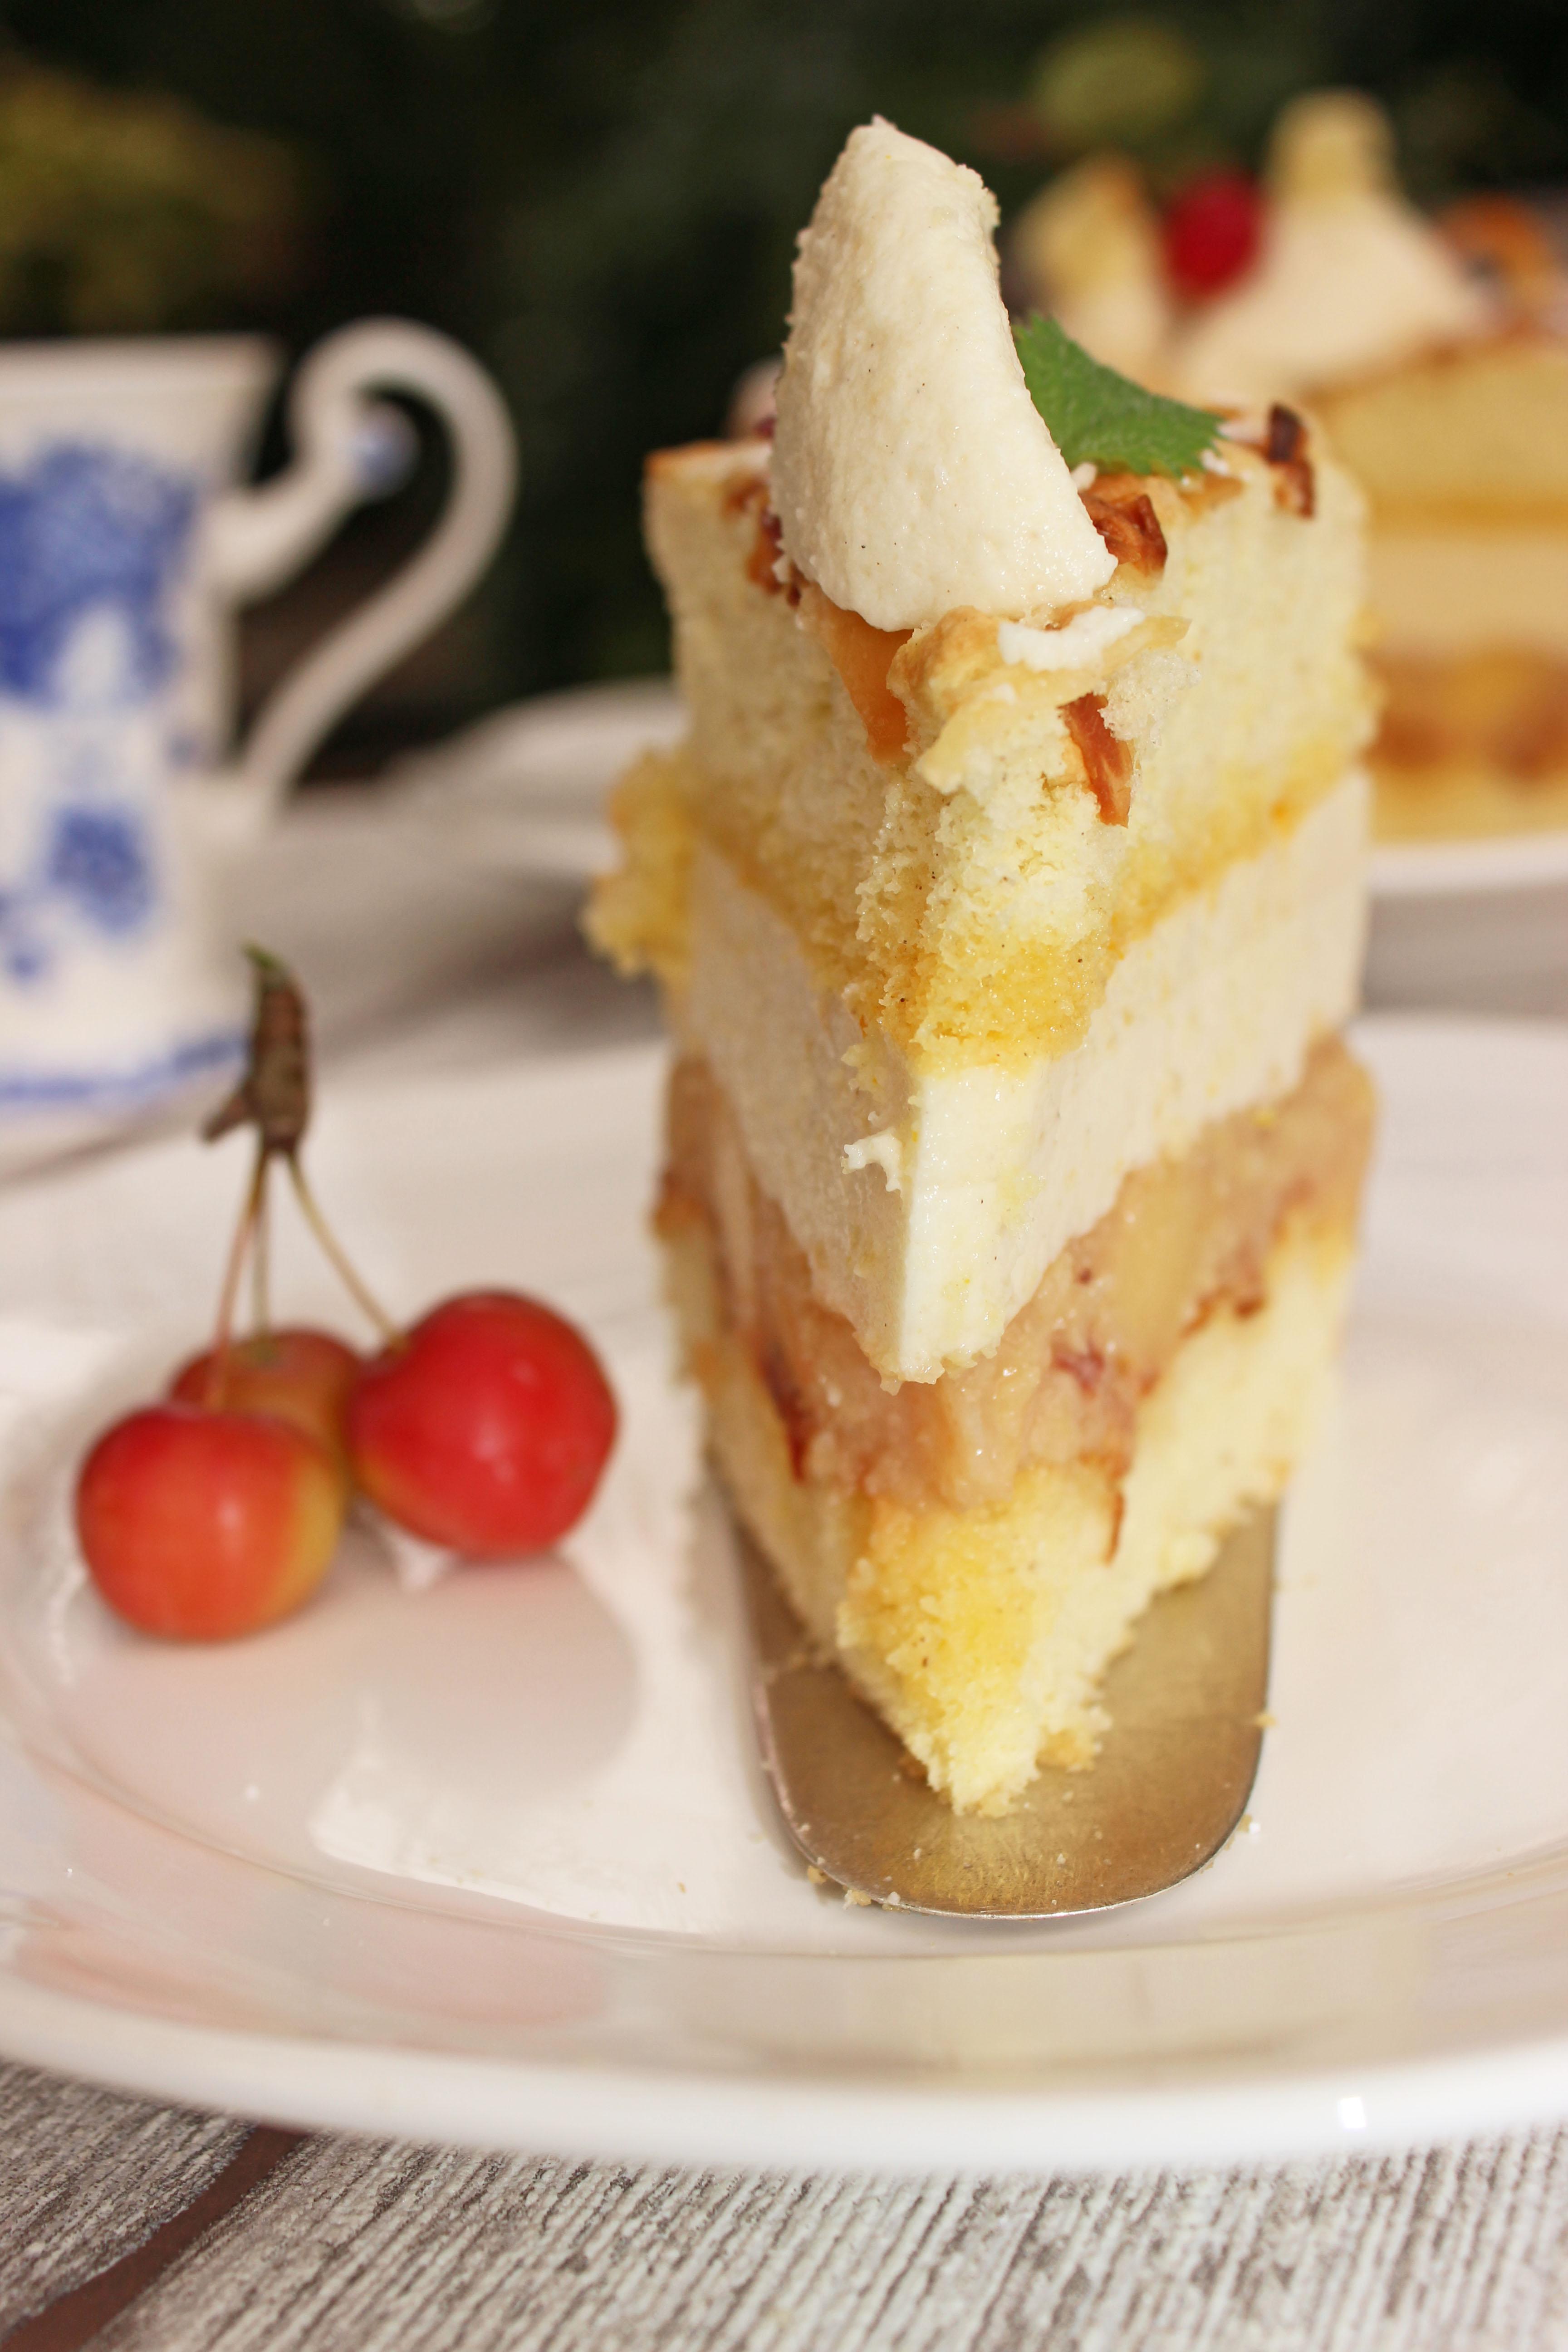 Apfel-Quitten-Torte_4515_1